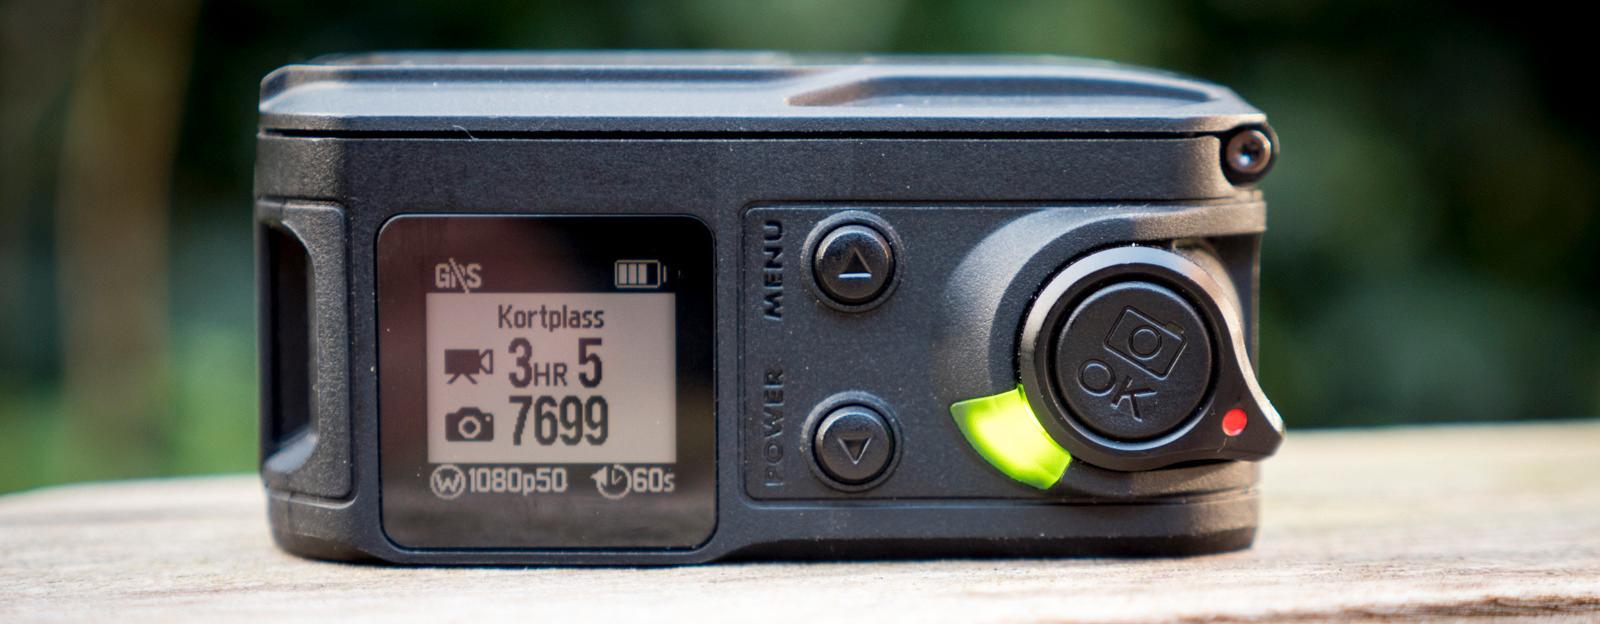 Kameraet er det mest brukervennlige vi har testet til nå.